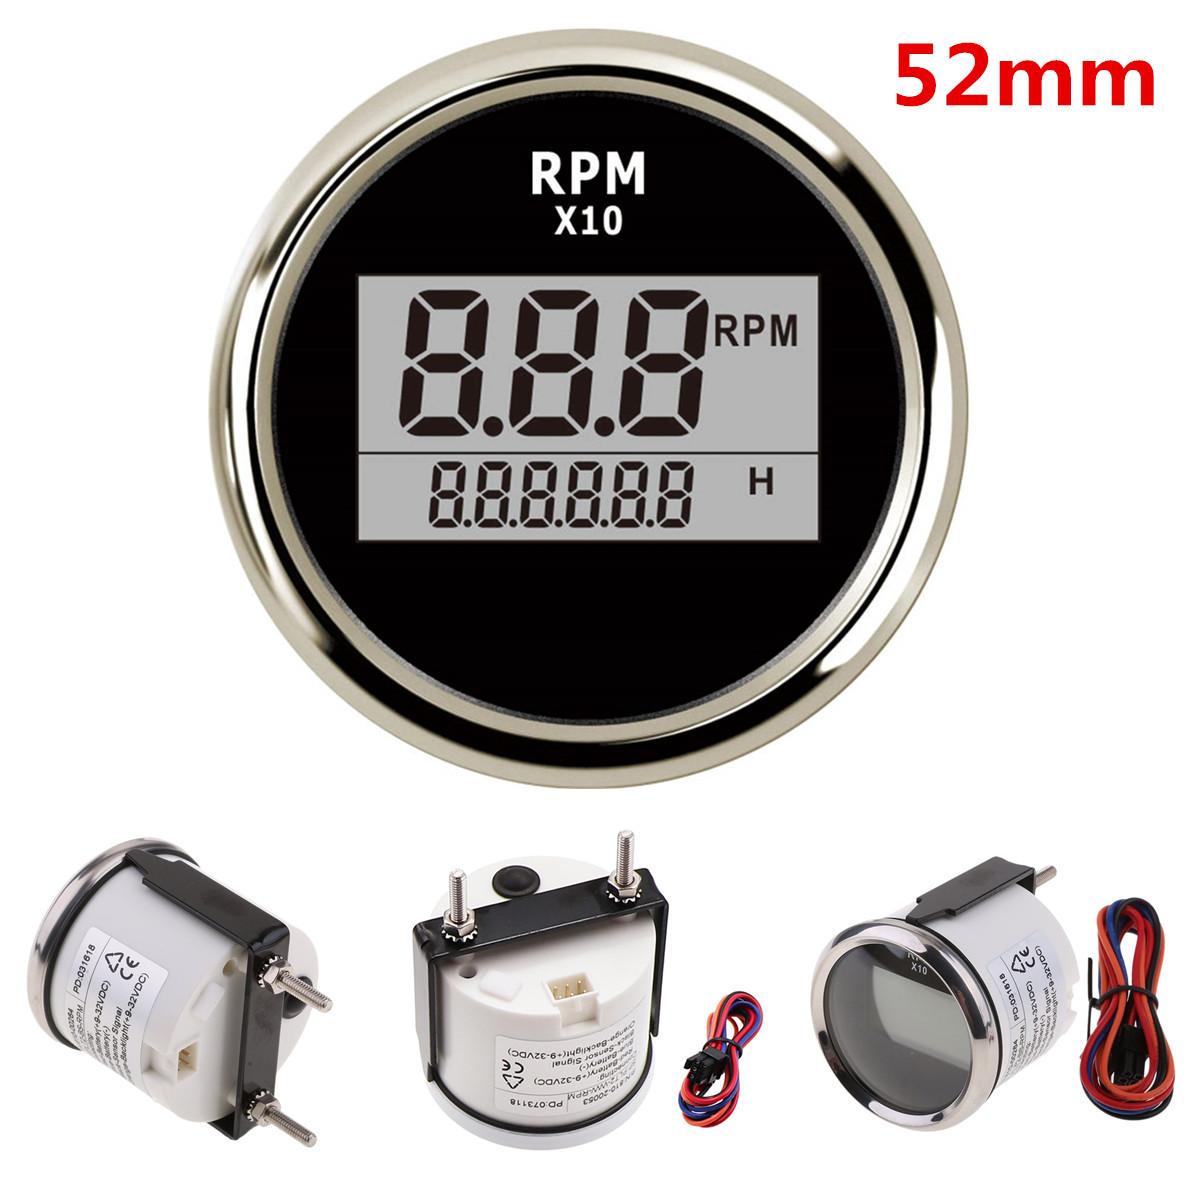 Details about 52mm Universal Car Motorcycle LED Digital Tachometer RPM  Meter Gauge Waterproof